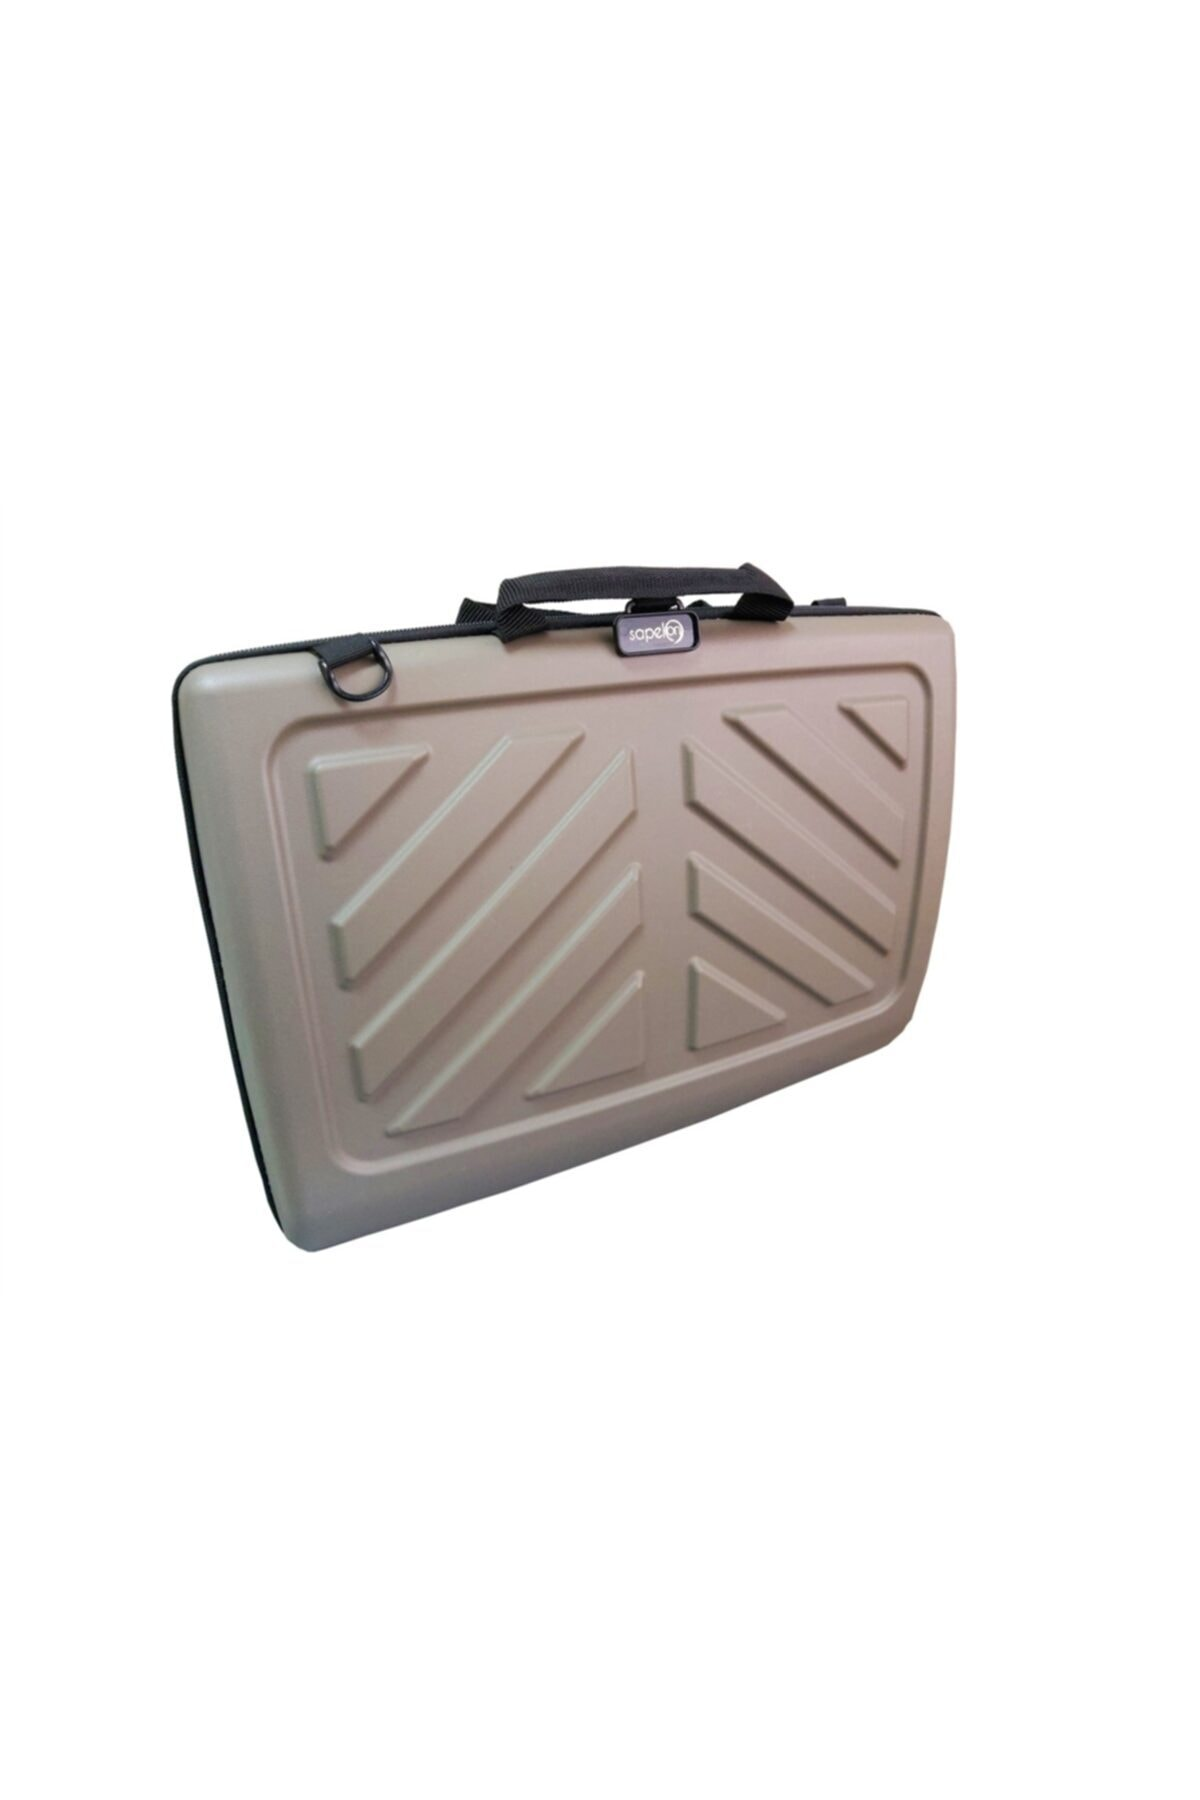 Sapelon Bej Hard Case Laptop Çantası 1